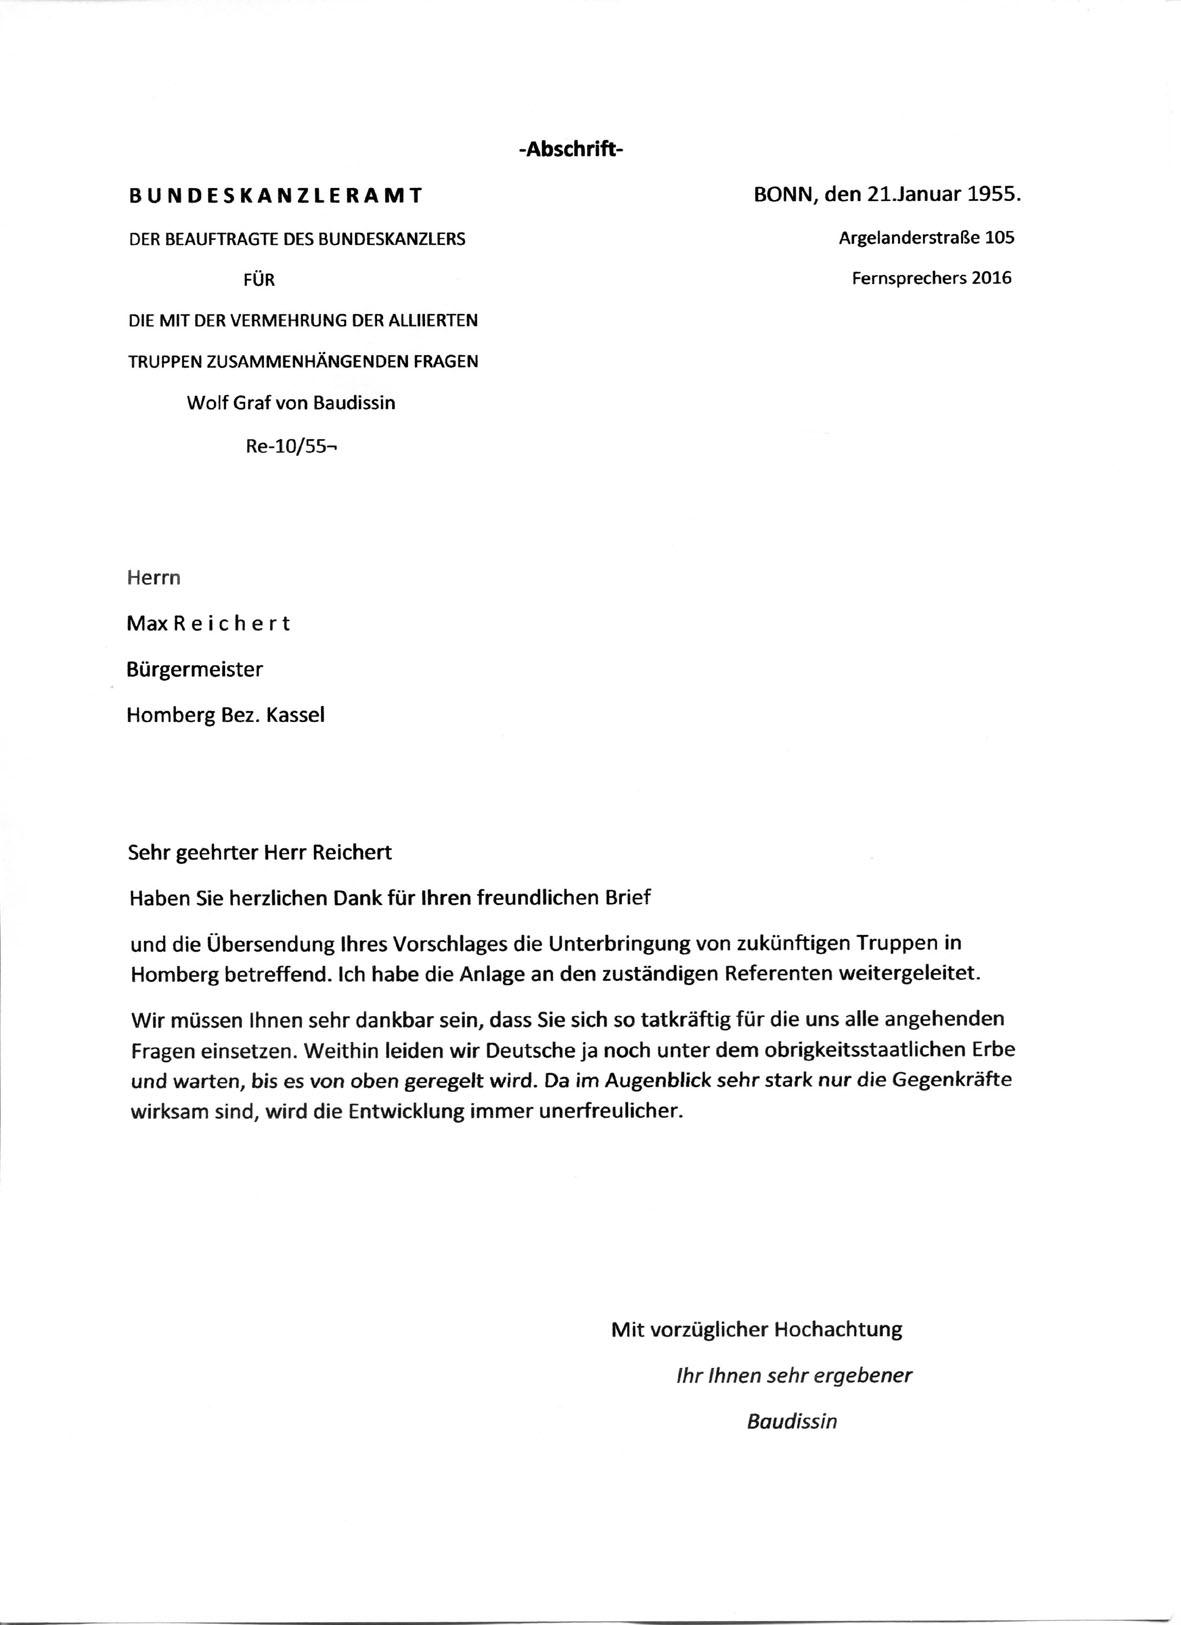 Homberg Kanzleramt an Bürgermeister 21.01.55